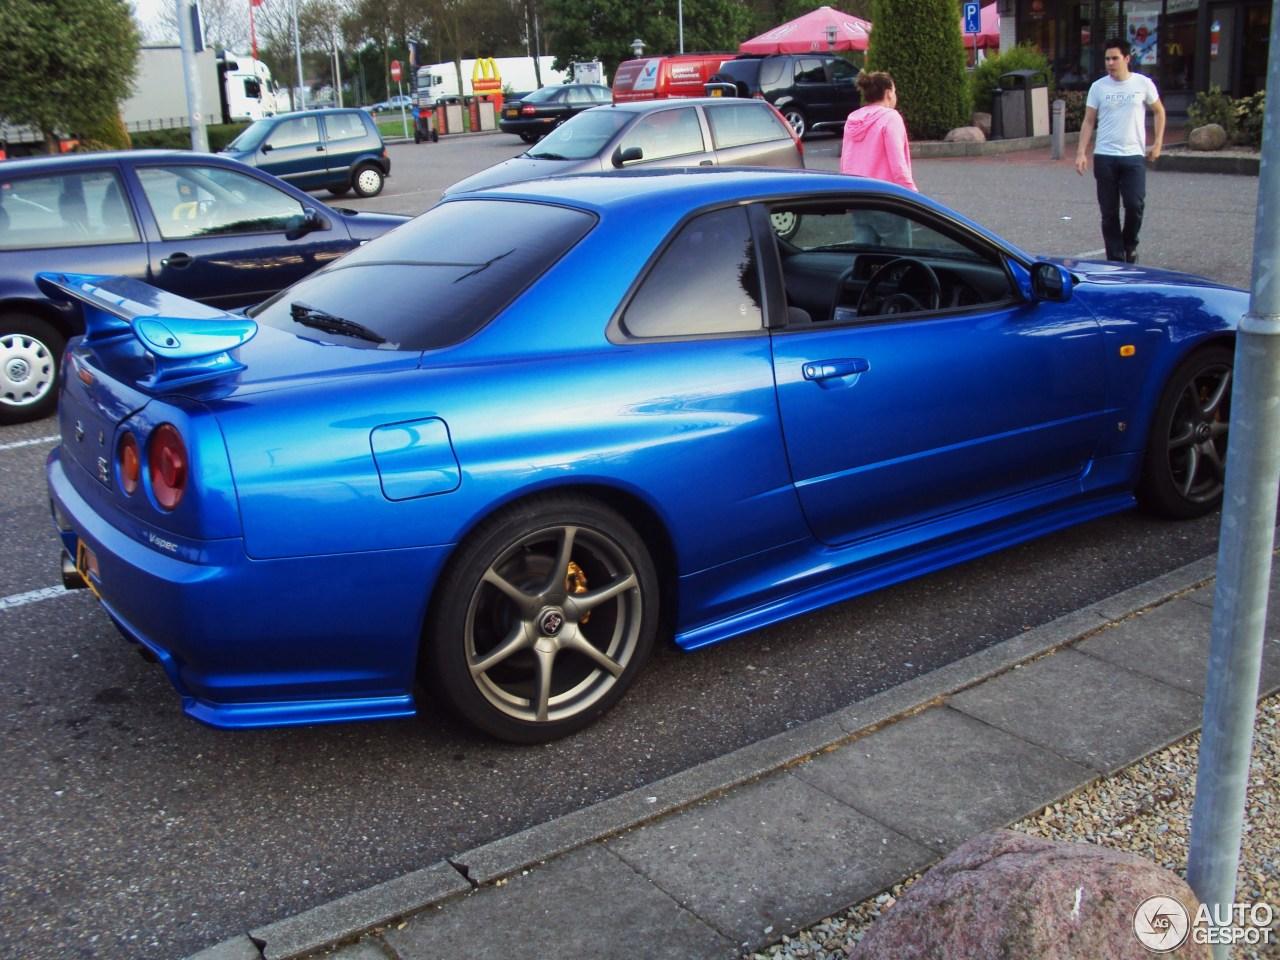 Nissan Skyline R34 GTR VSpec  8 July 2013  Autogespot